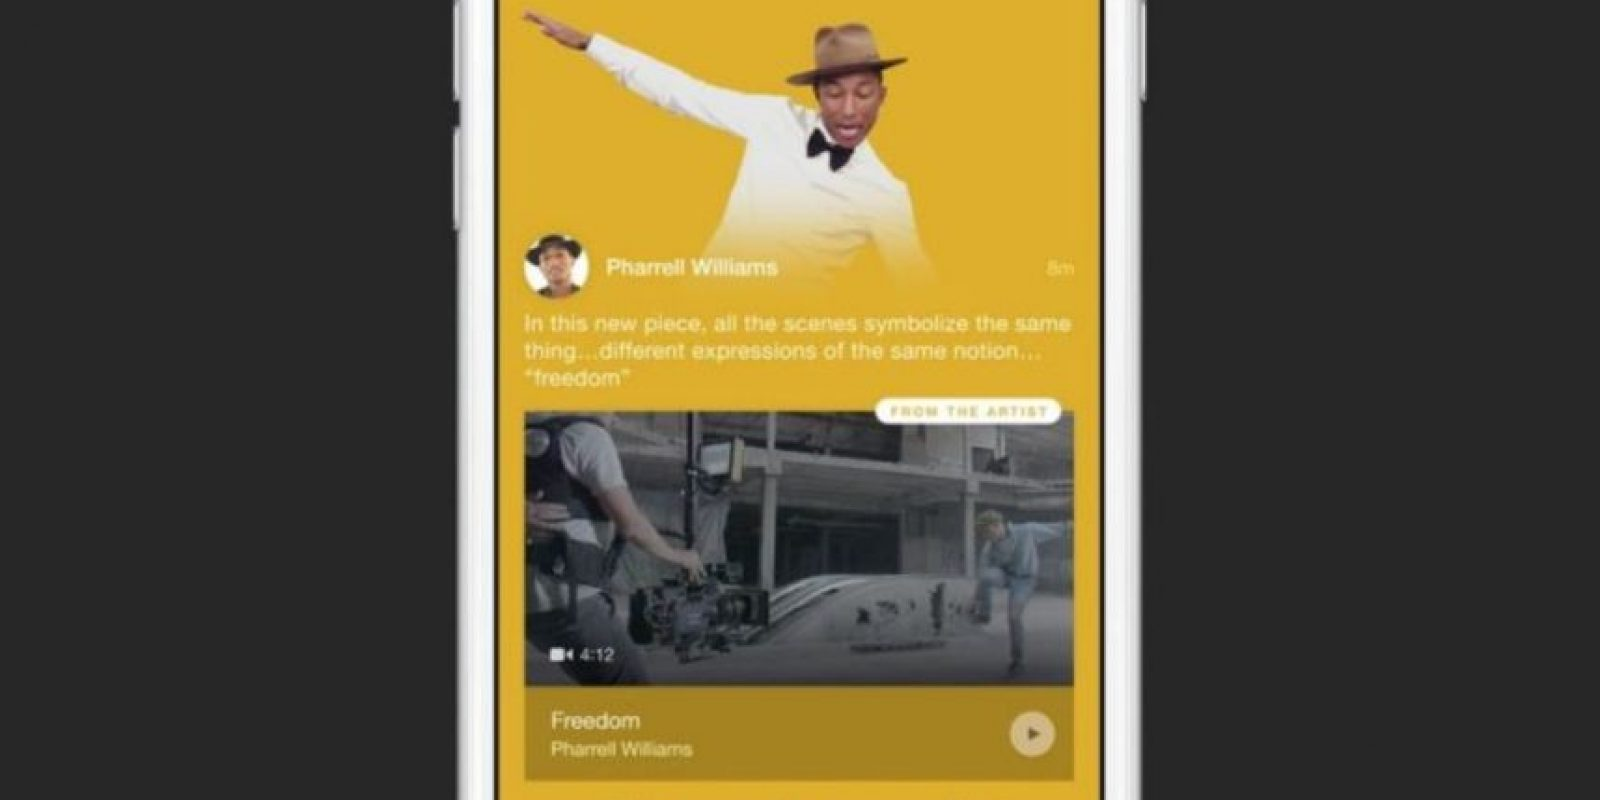 Connect permite a los fans conocer sobre el proceso creativo de los artistas mediante audios, videos o fotos compartidas por ellos mismos. Foto:Apple